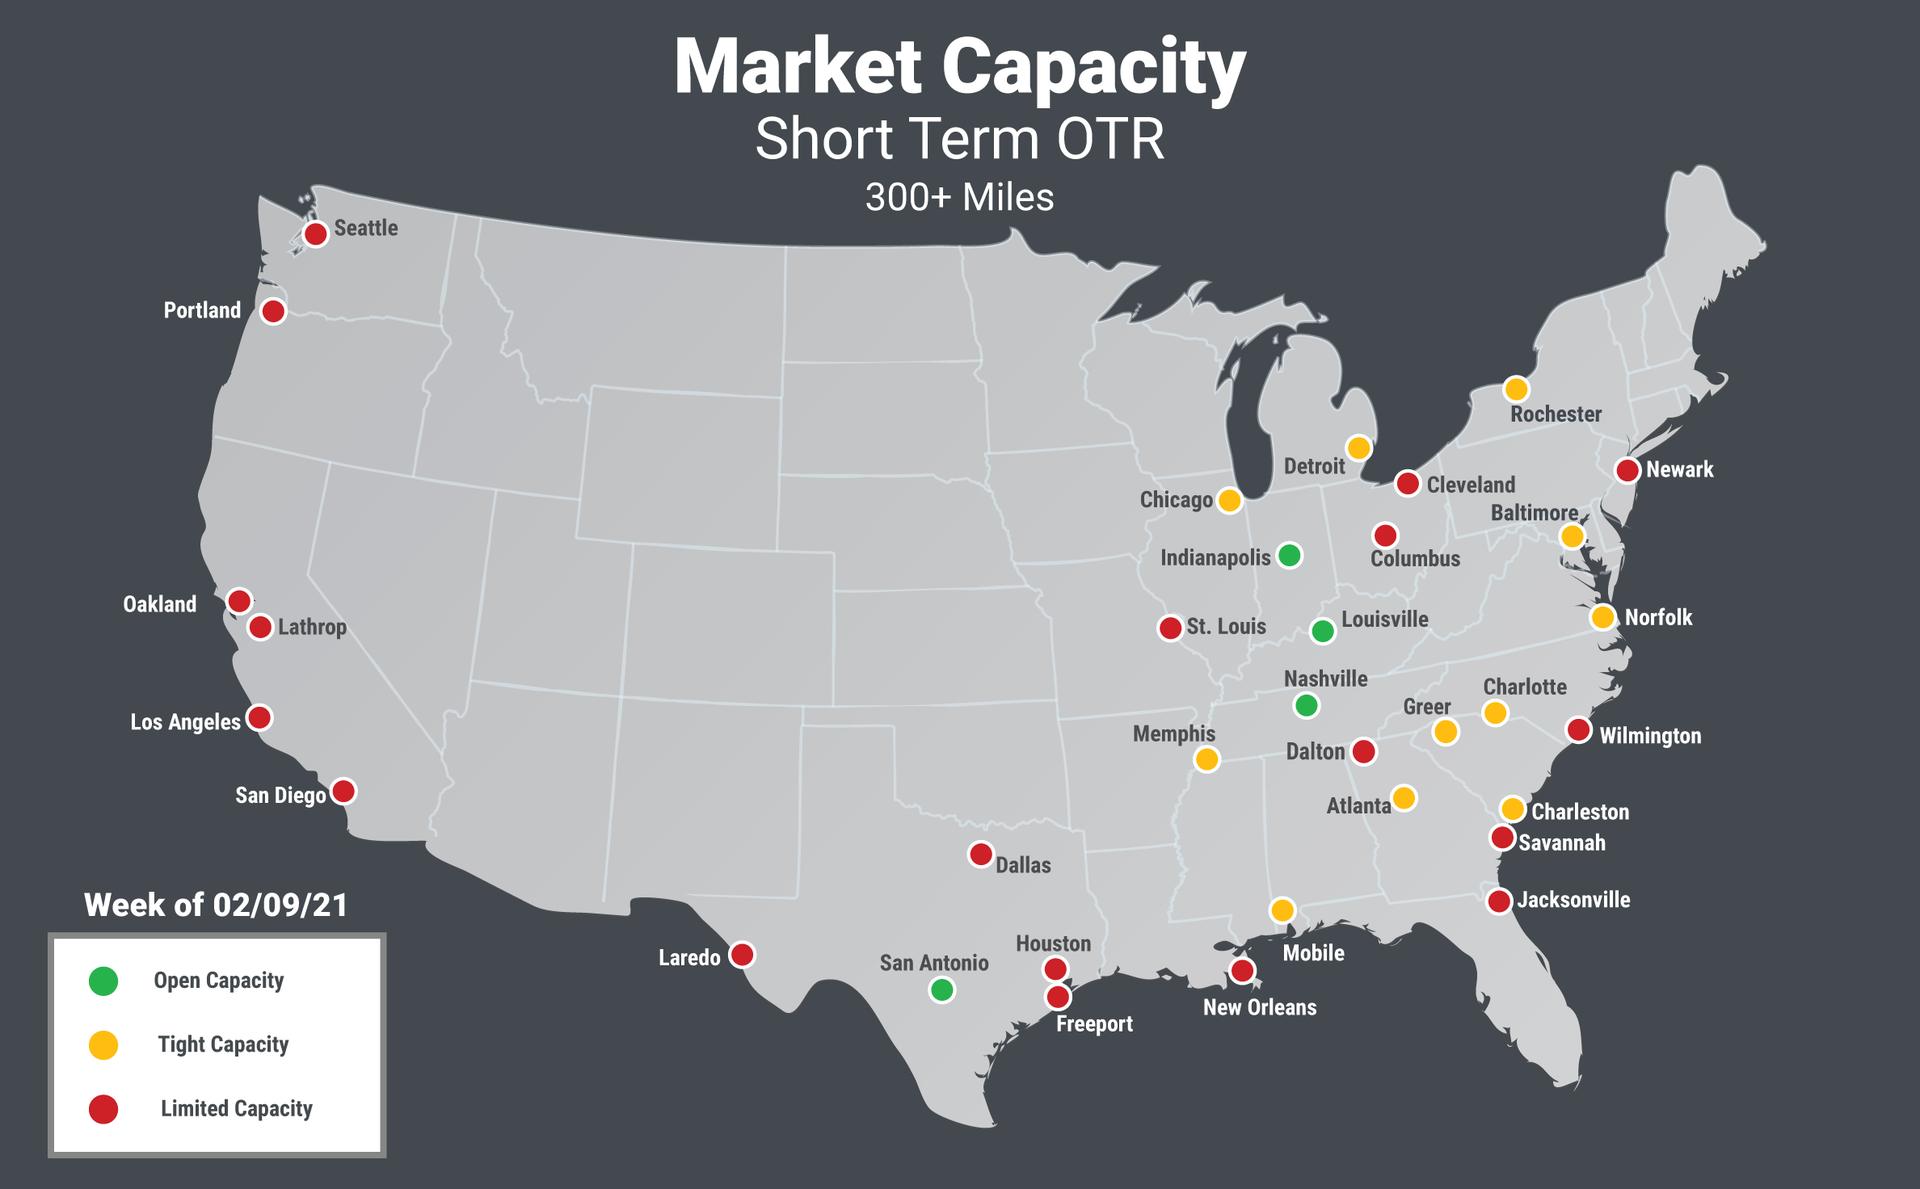 Drayage Short Term OTR Market Capacity: 300+ miles